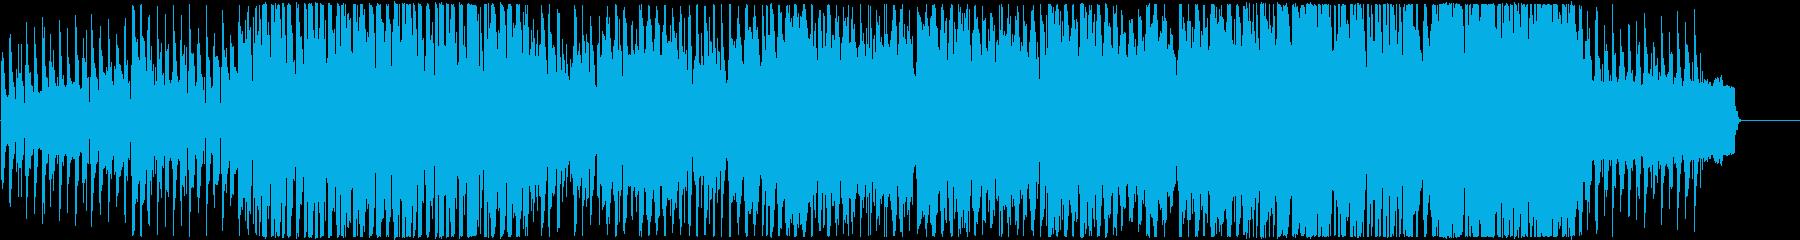 アコーディオン、シンセの可愛い系BGMの再生済みの波形